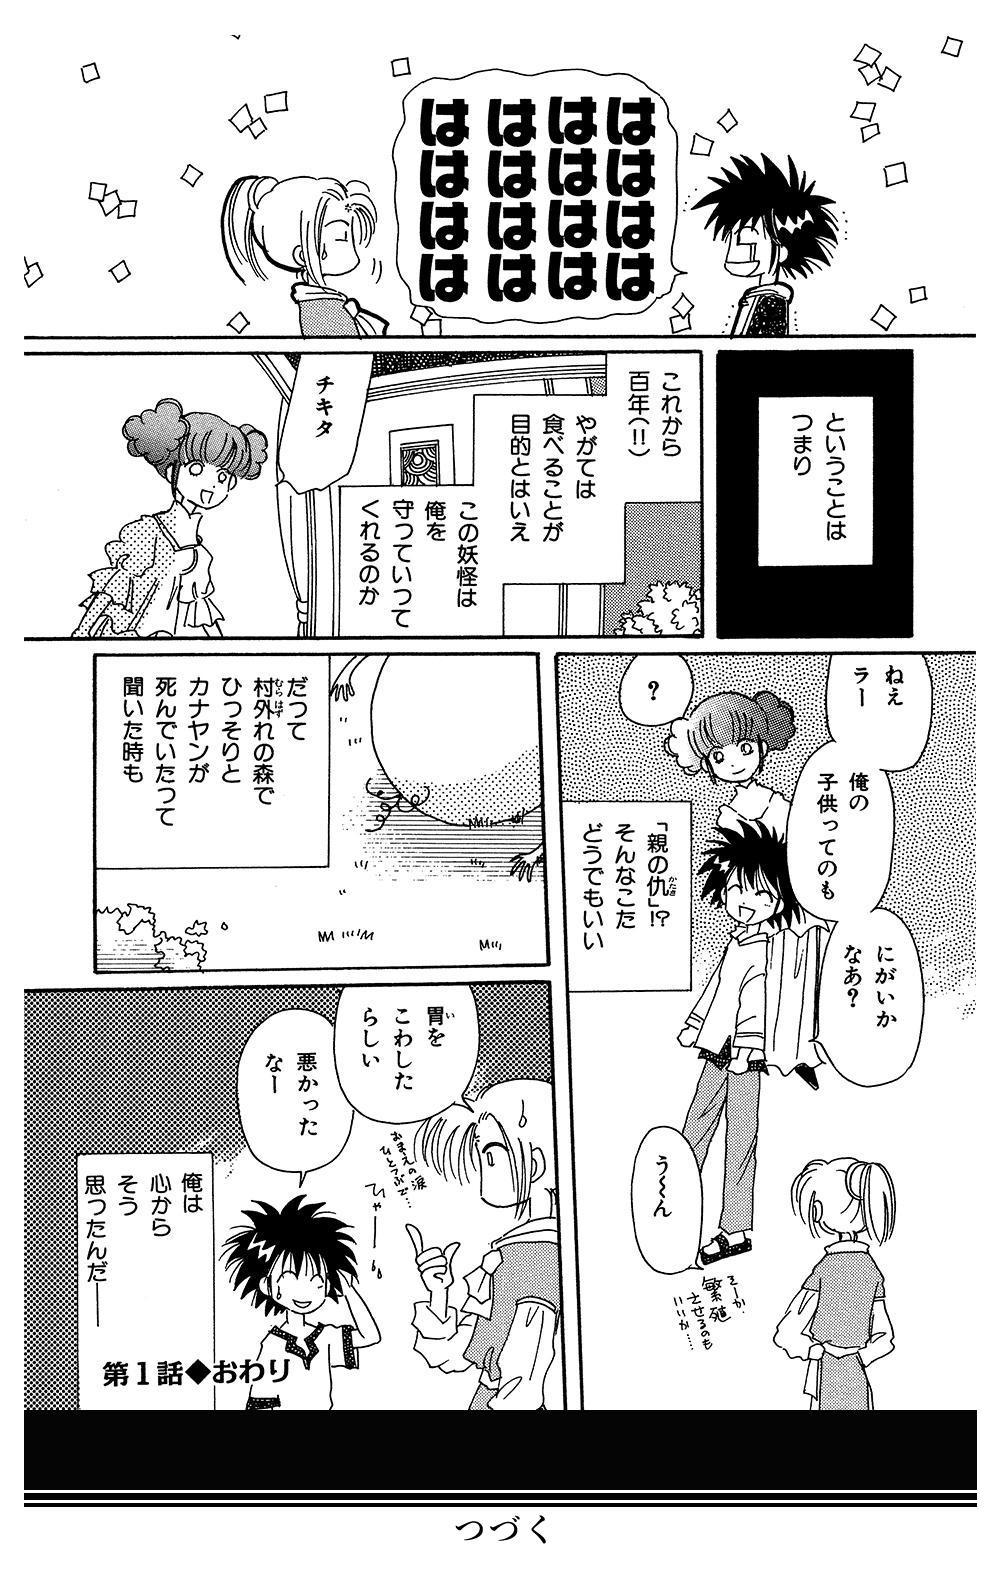 チキタ★GUGU 第1話 ②tikita13.jpg